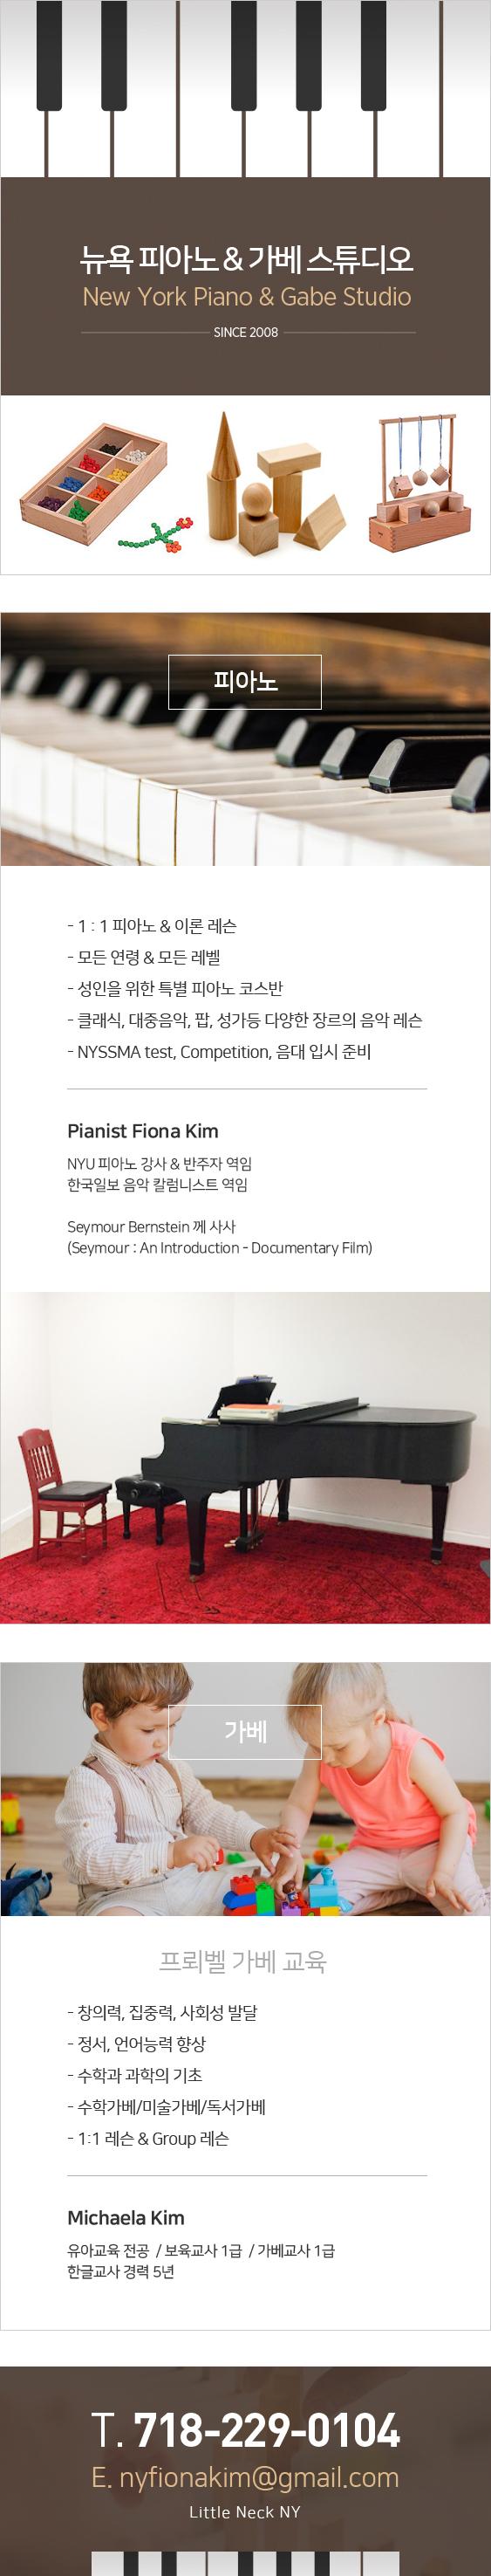 뉴욕 피아노 & 가베 스튜디오 (New York Piano & Gabe Studio)